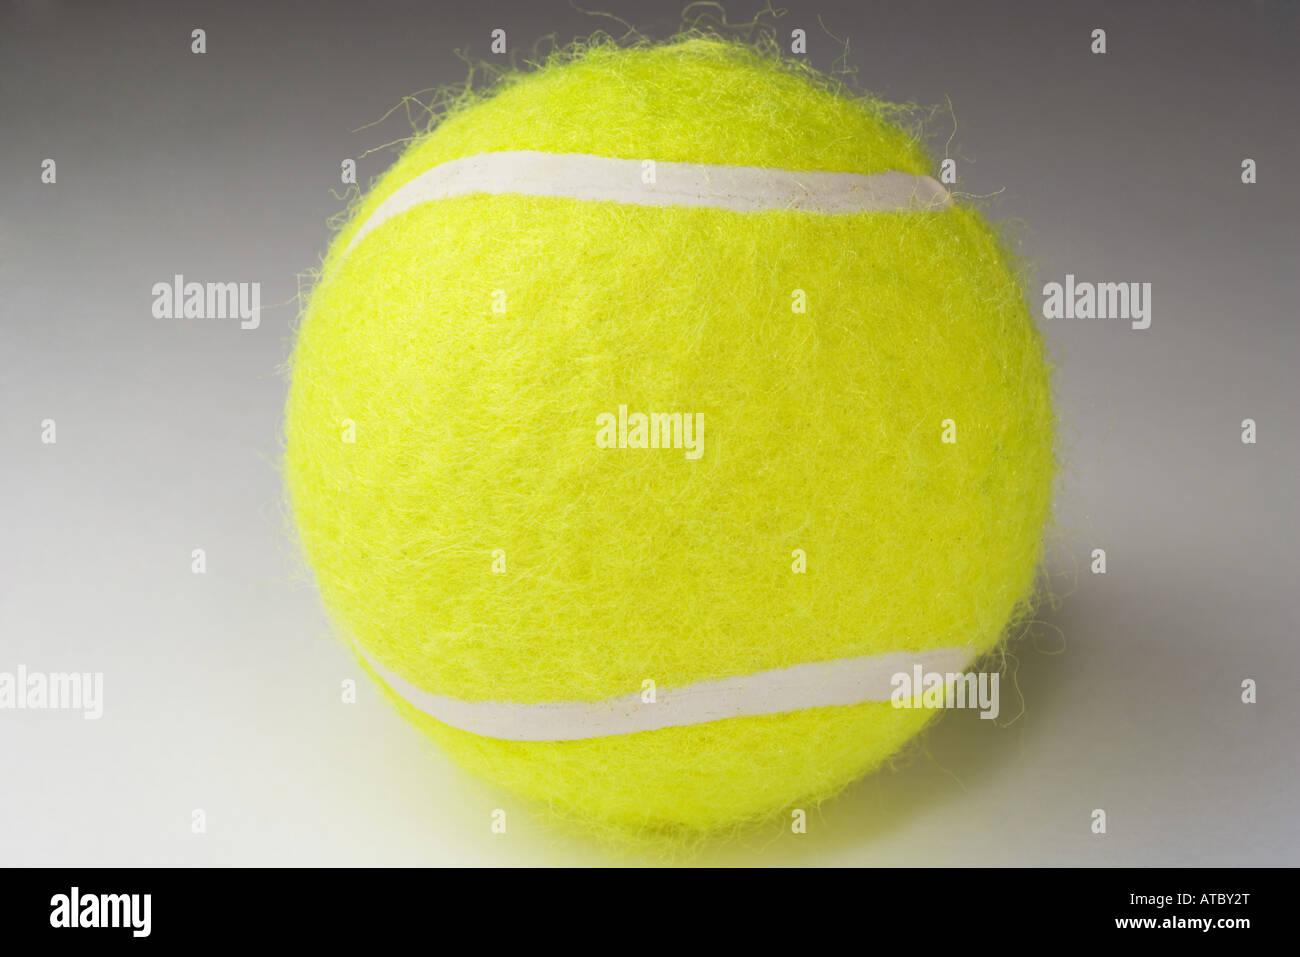 Tennis ball, close-up - Stock Image